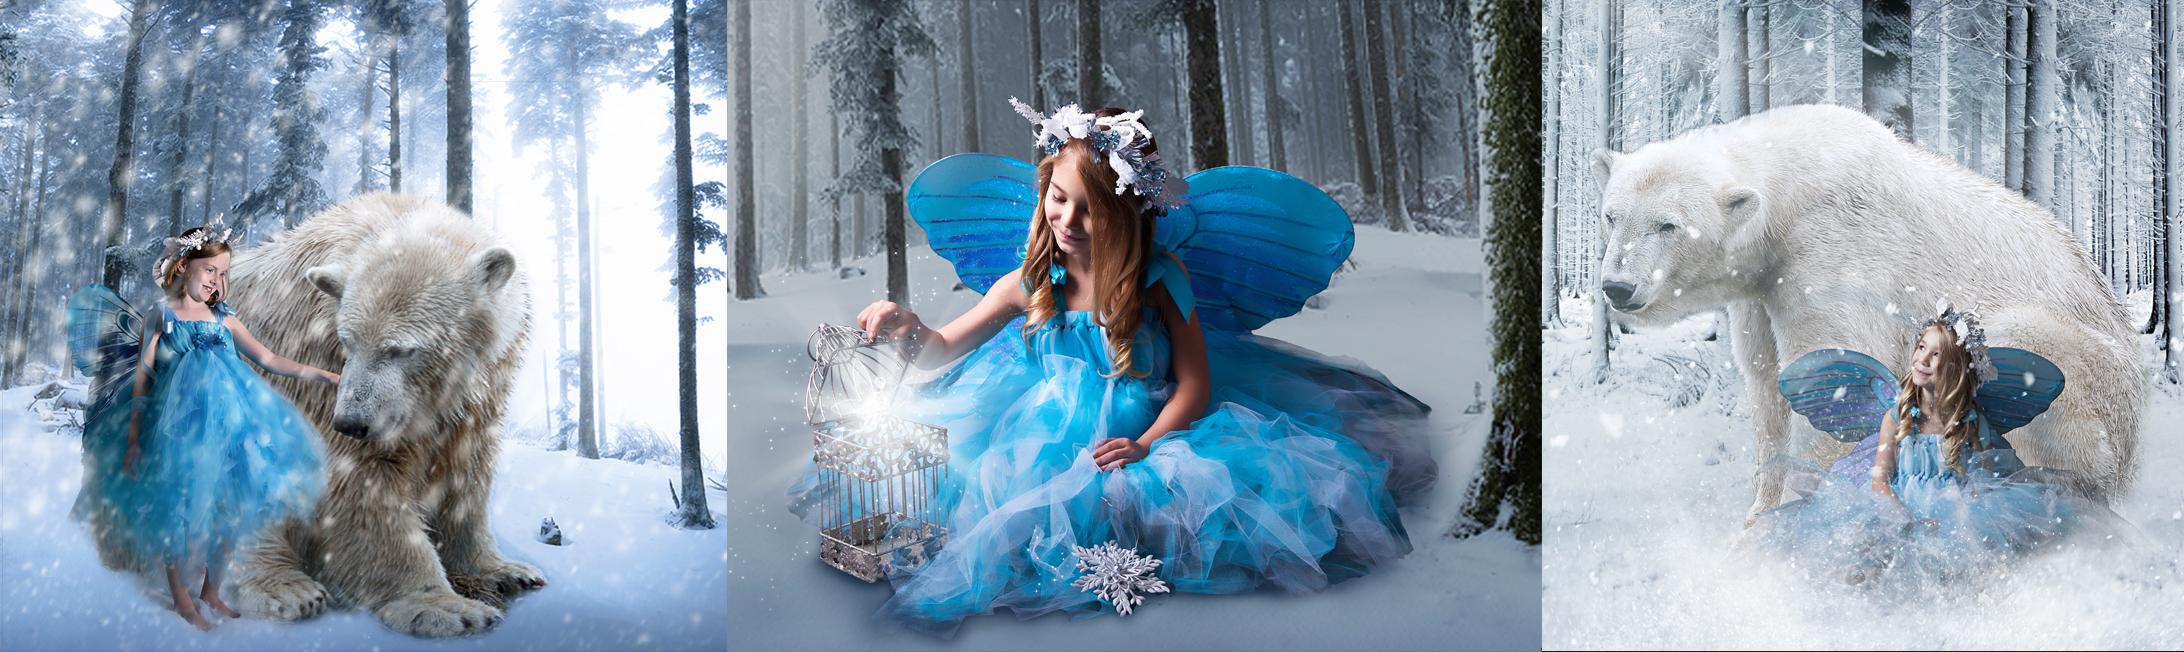 Winter fairy banner.jpg